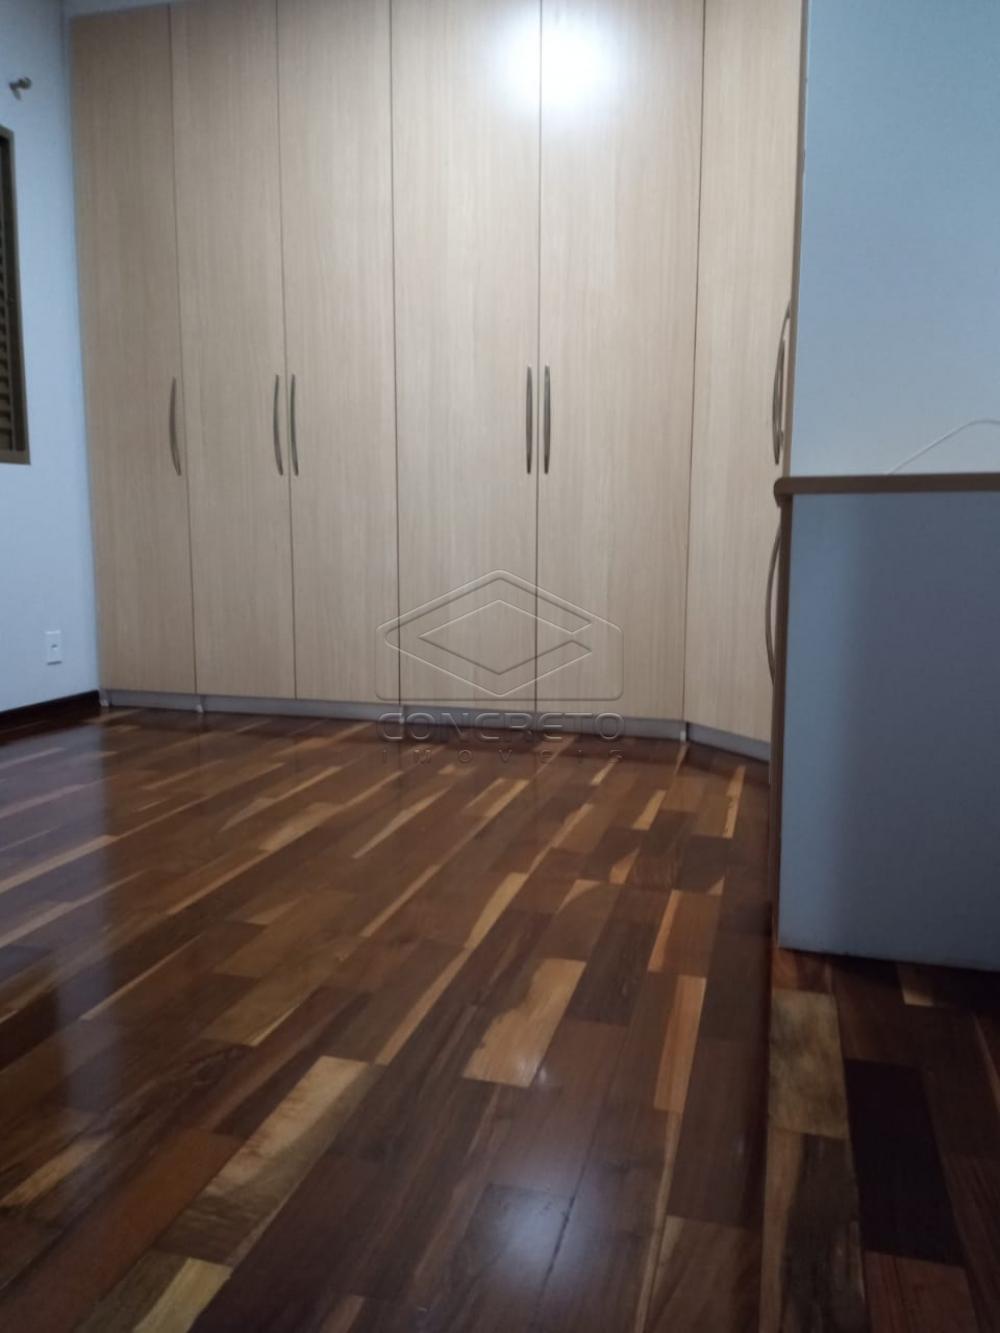 Comprar Casa / Padrão em Bauru R$ 590.000,00 - Foto 8